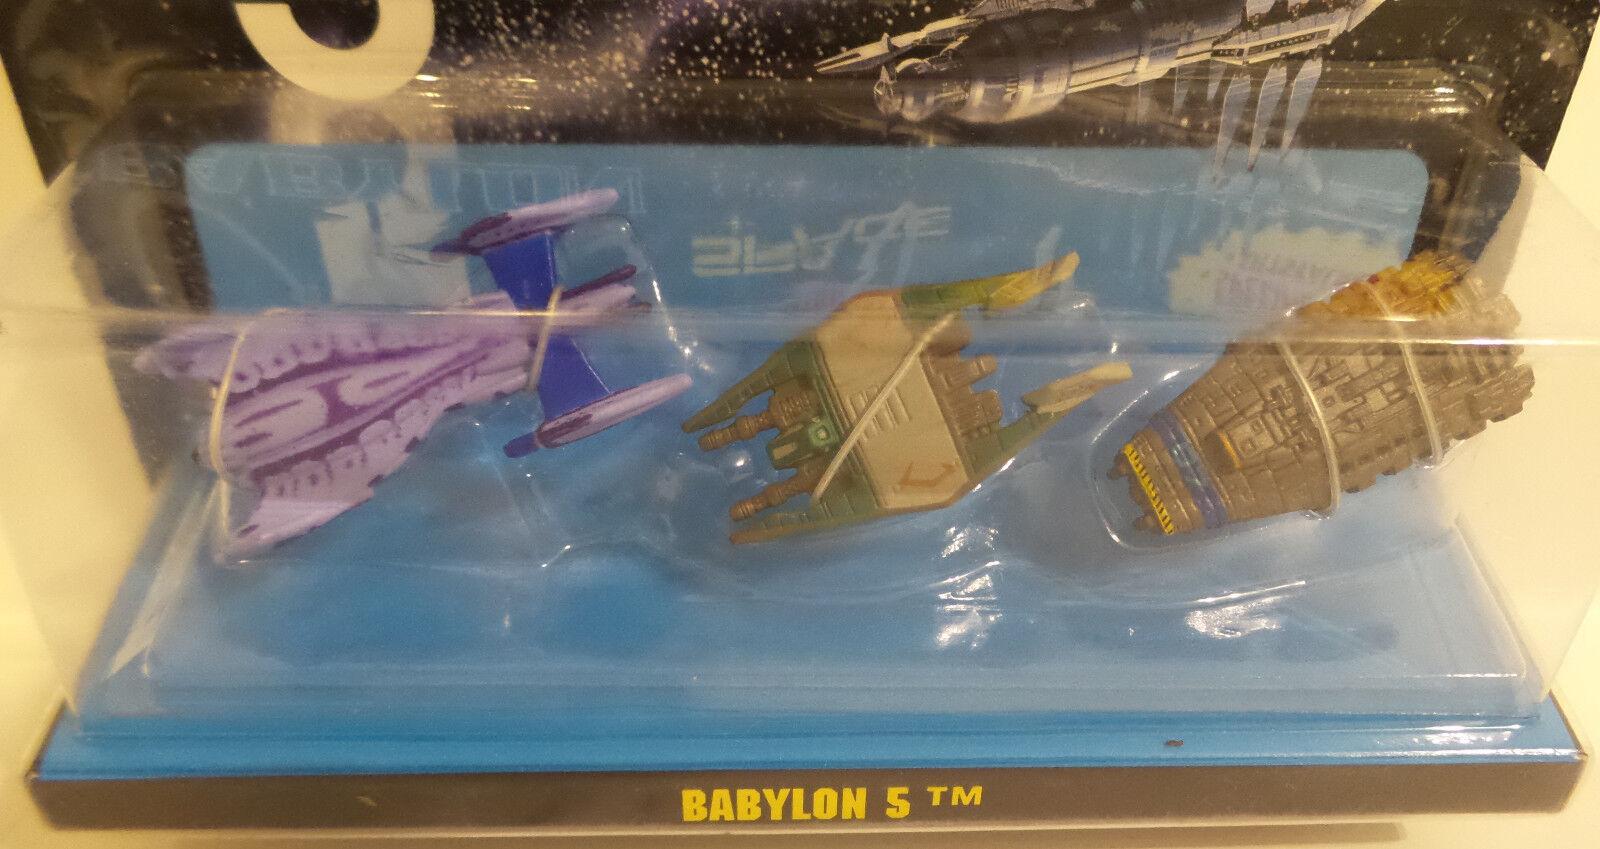 BABYLON 5: MINBARI flyer, navette NARN fighter, B5 CREW navette flyer, micromachines (tk) e4dede